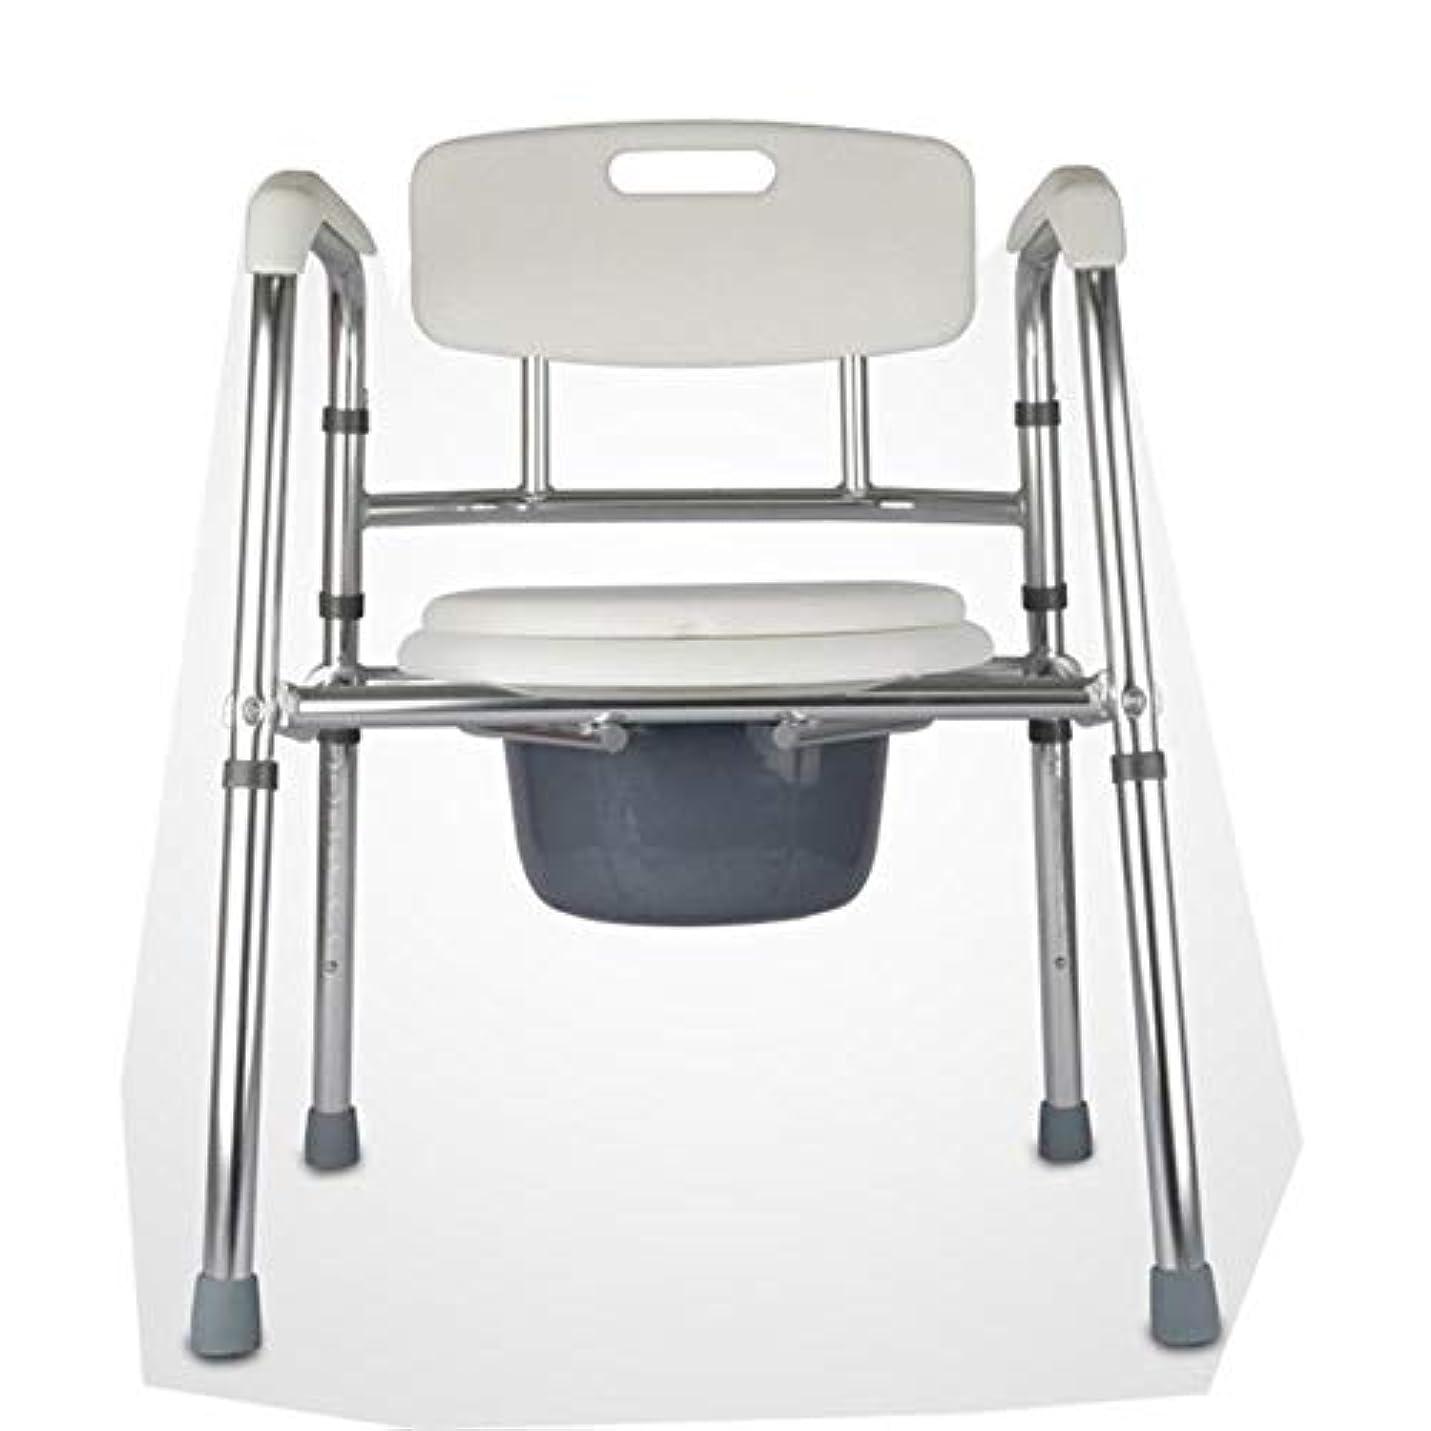 転送転送アラブ折りたたみ式mode椅子とトイレサラウンド、軽量、丈夫、シンプル、高齢者、障害者、祖父母向けのバスルームサポート